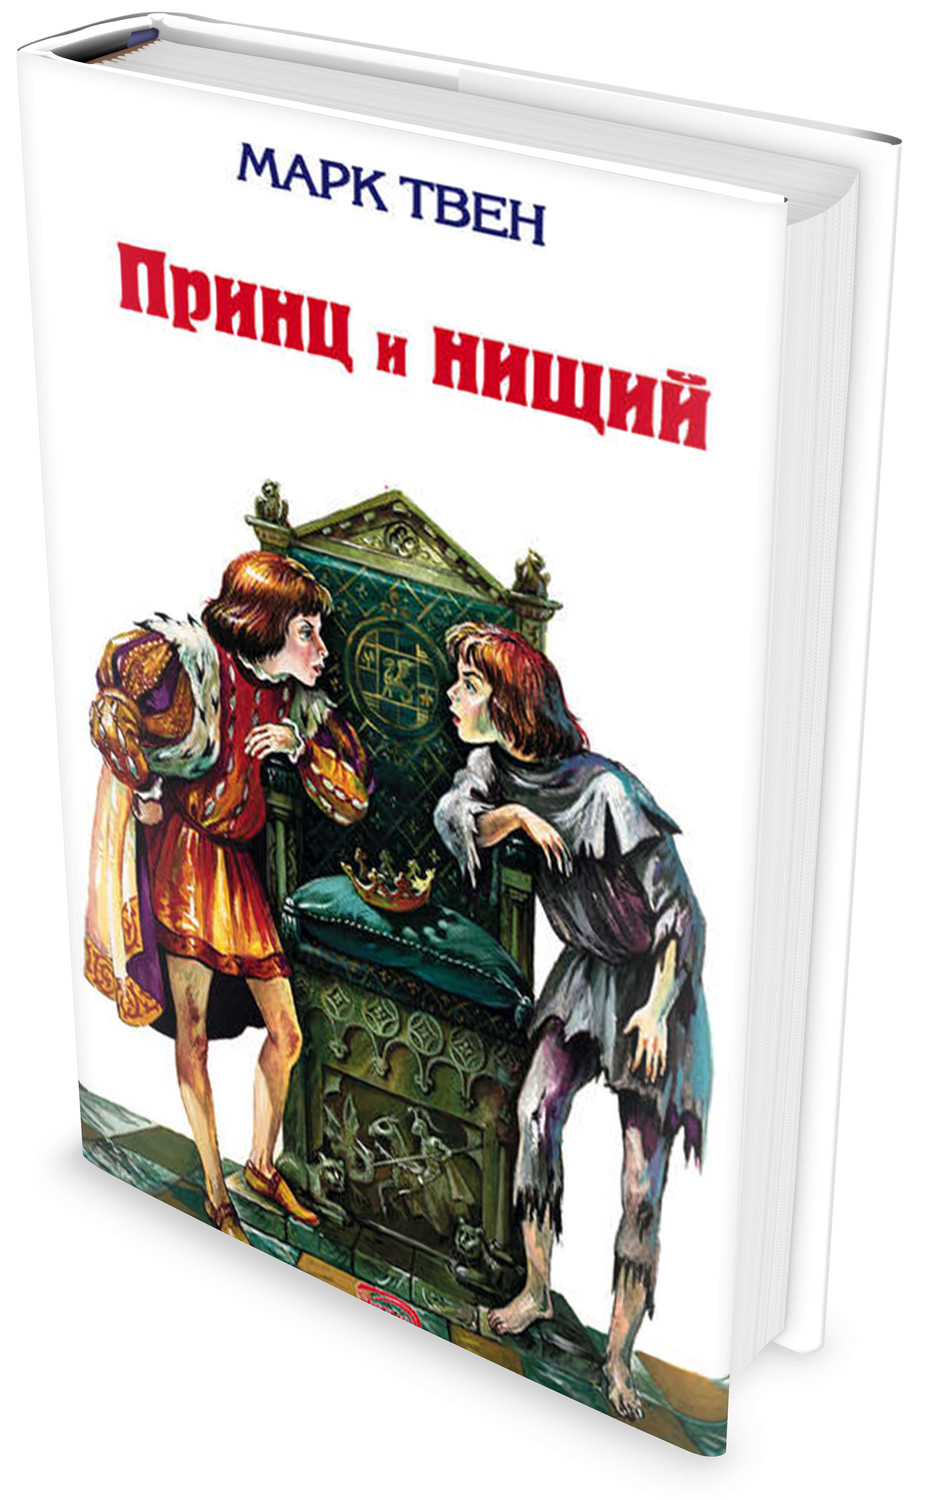 детские книги в формате fb2 скачать